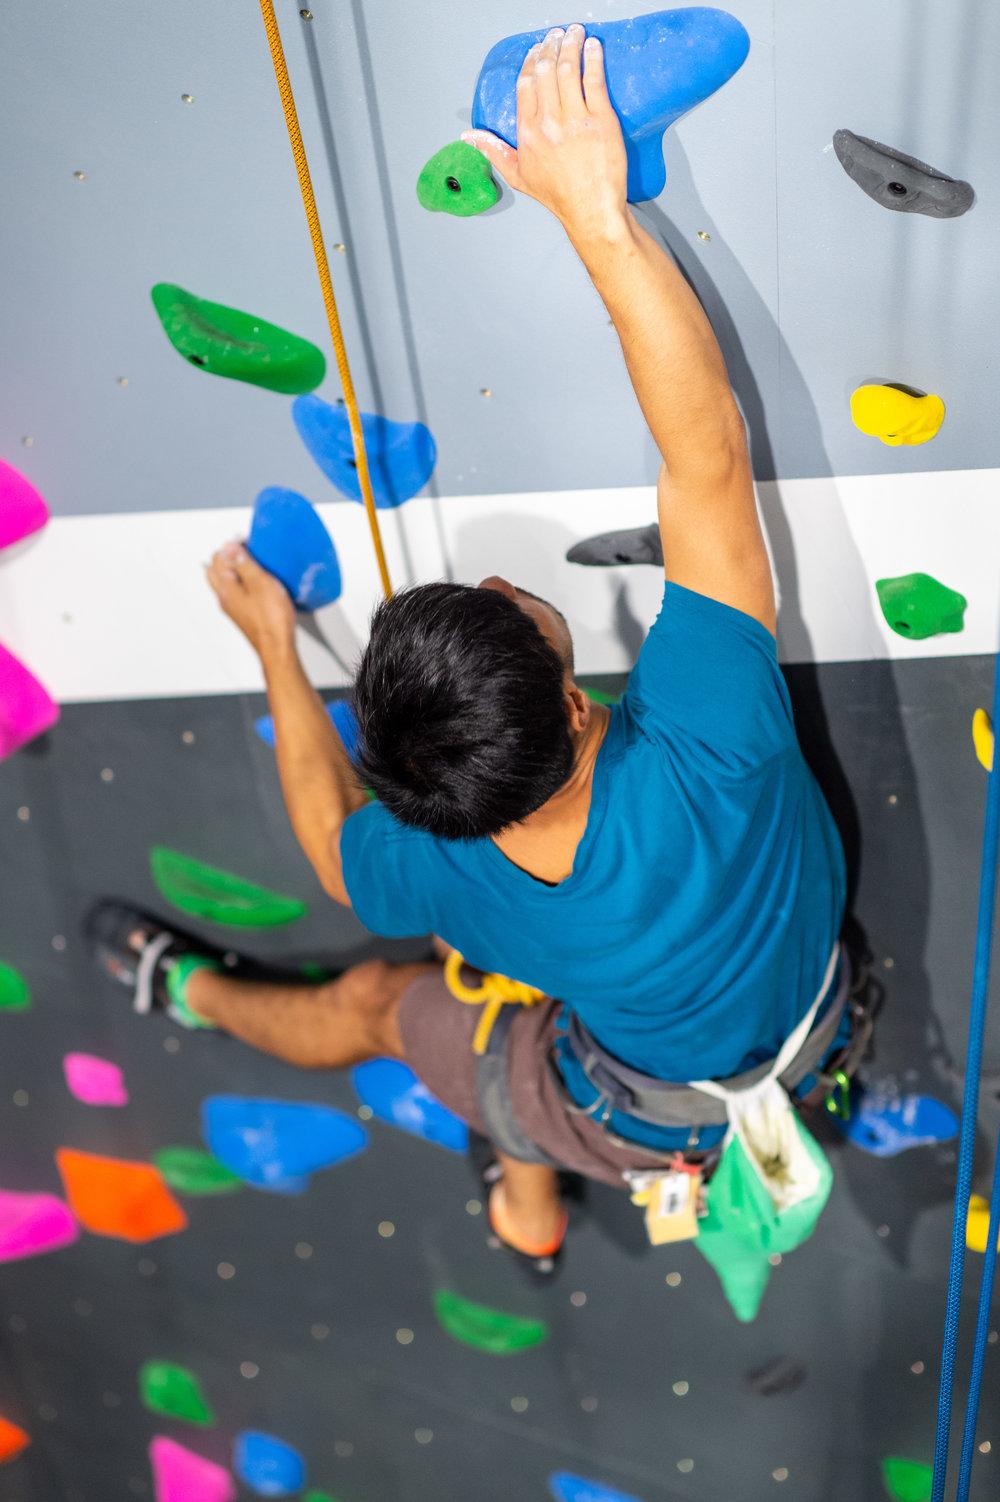 climbfit_kirrawee_comingsoon_toprope_climber_man_closeup